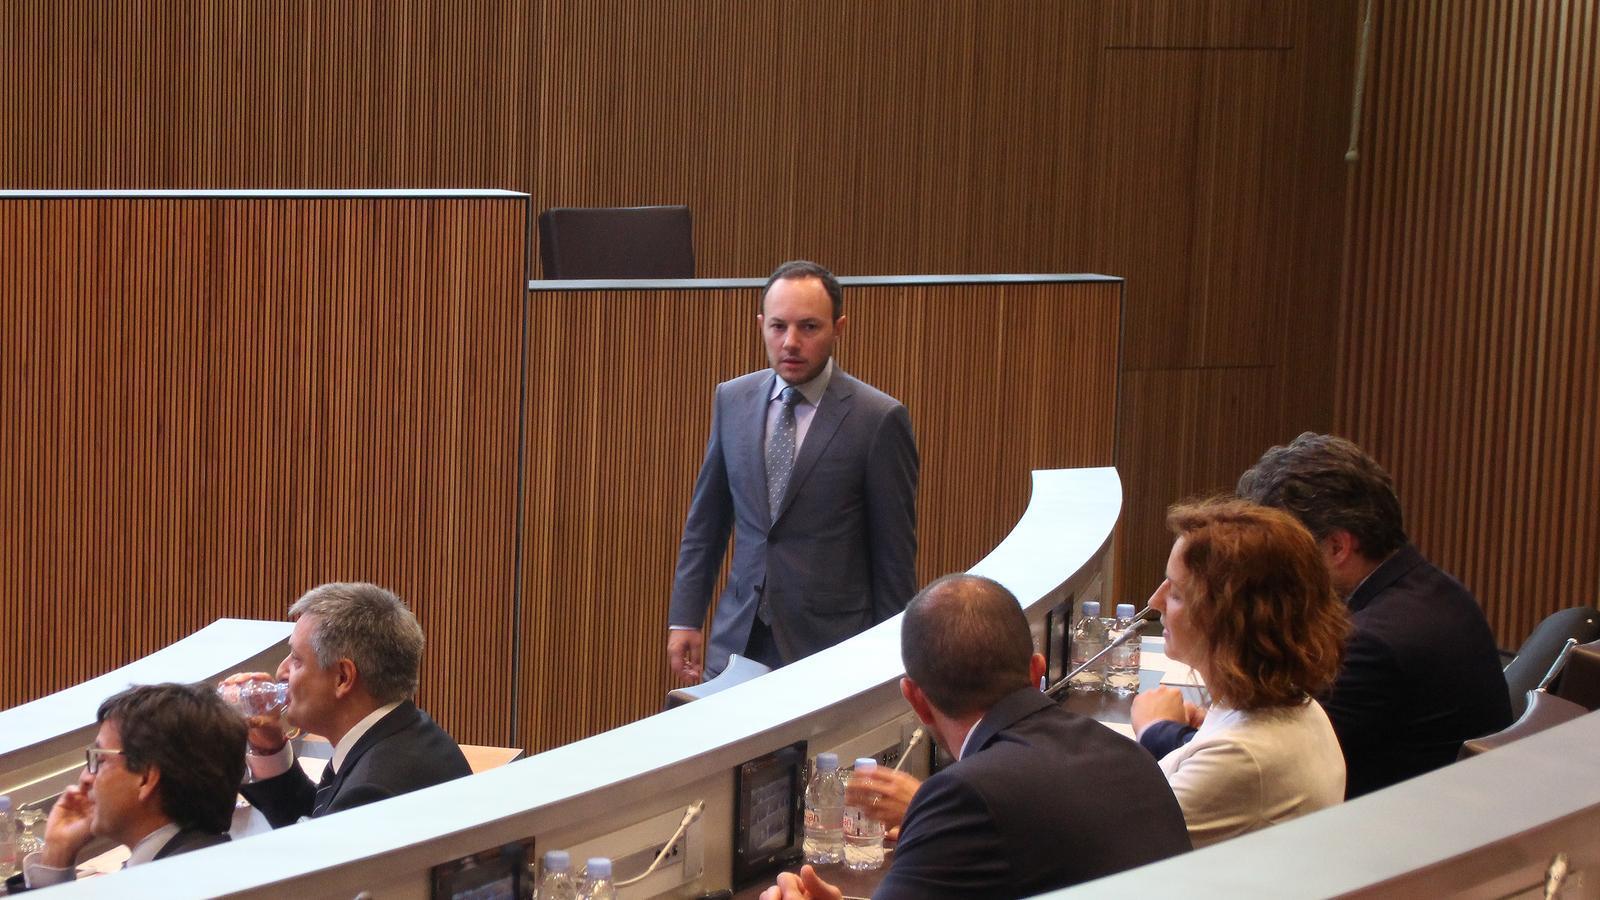 Debat sobre pol tiques socials arran de l 39 informe del raonador for Ministre interior